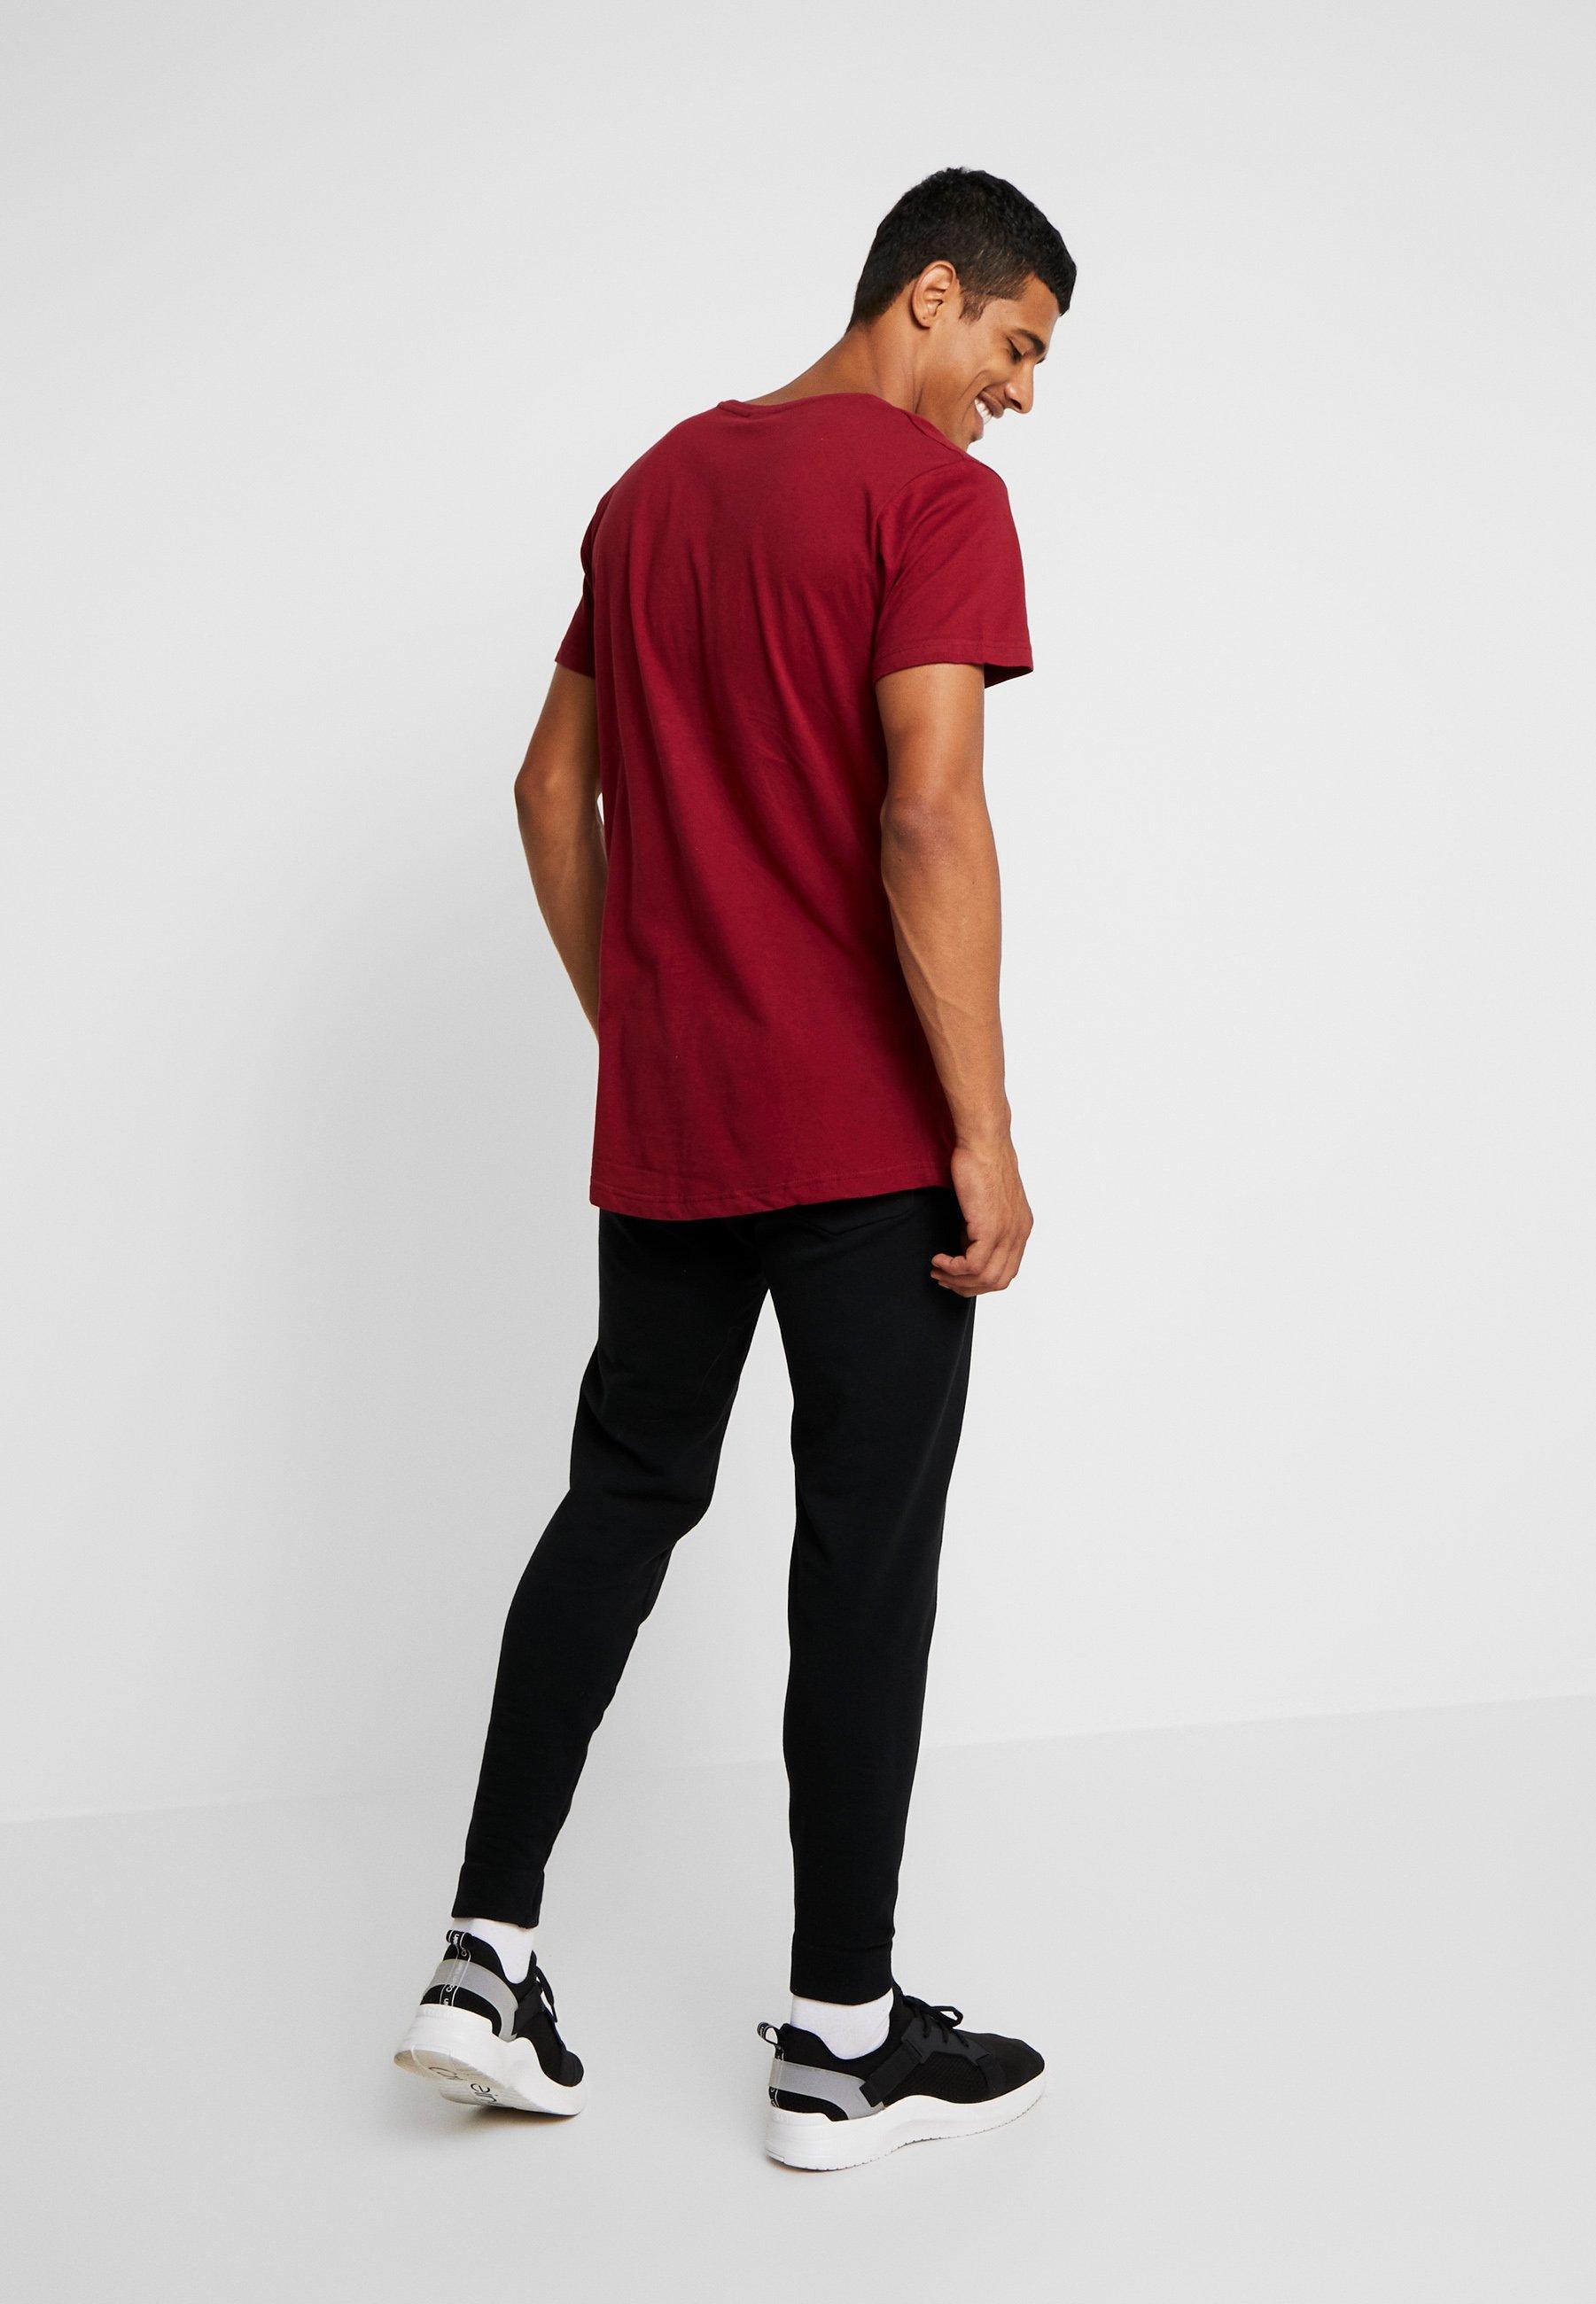 Taper Engineered Lej Black Jeans Survêtement JoggersPantalon Levi's® De DHEIW29Y